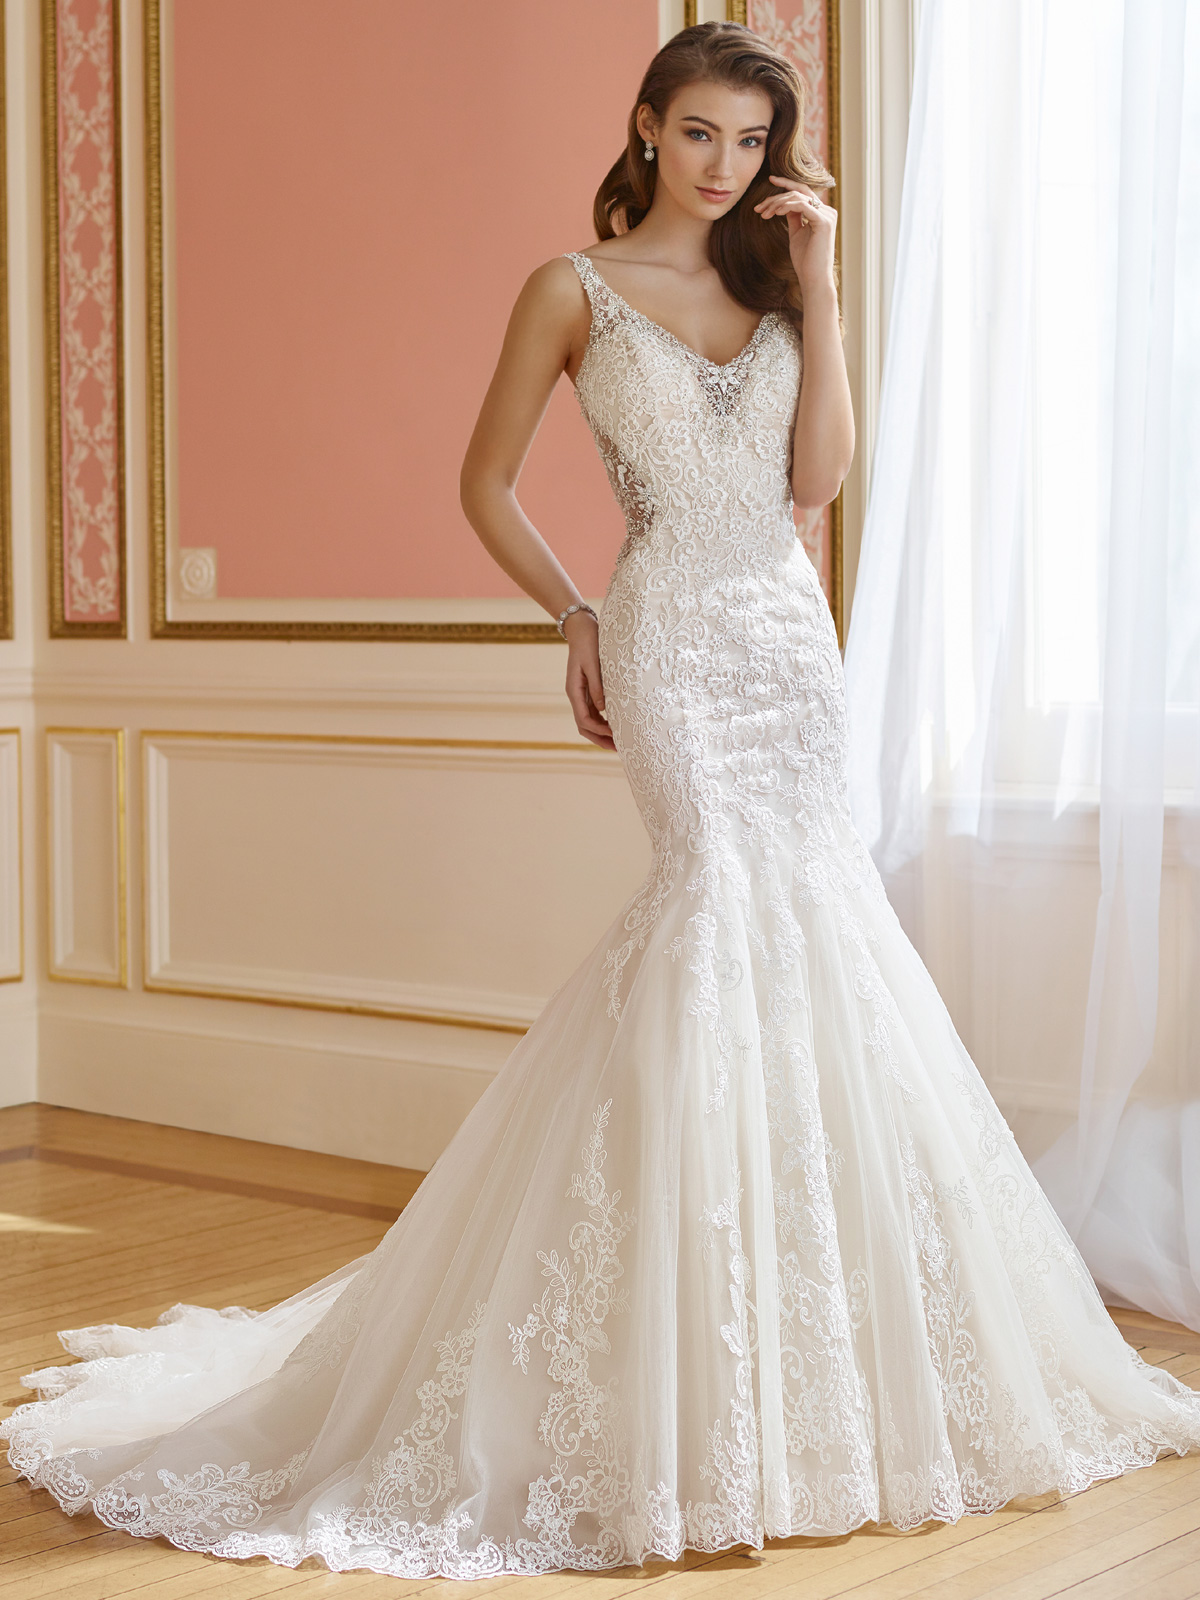 Vestido de Noiva charmosa com decote V e costas e lateral do corpo na transparência, corte sereia todo confeccionado em renda rebordada com cristais, cauda média.